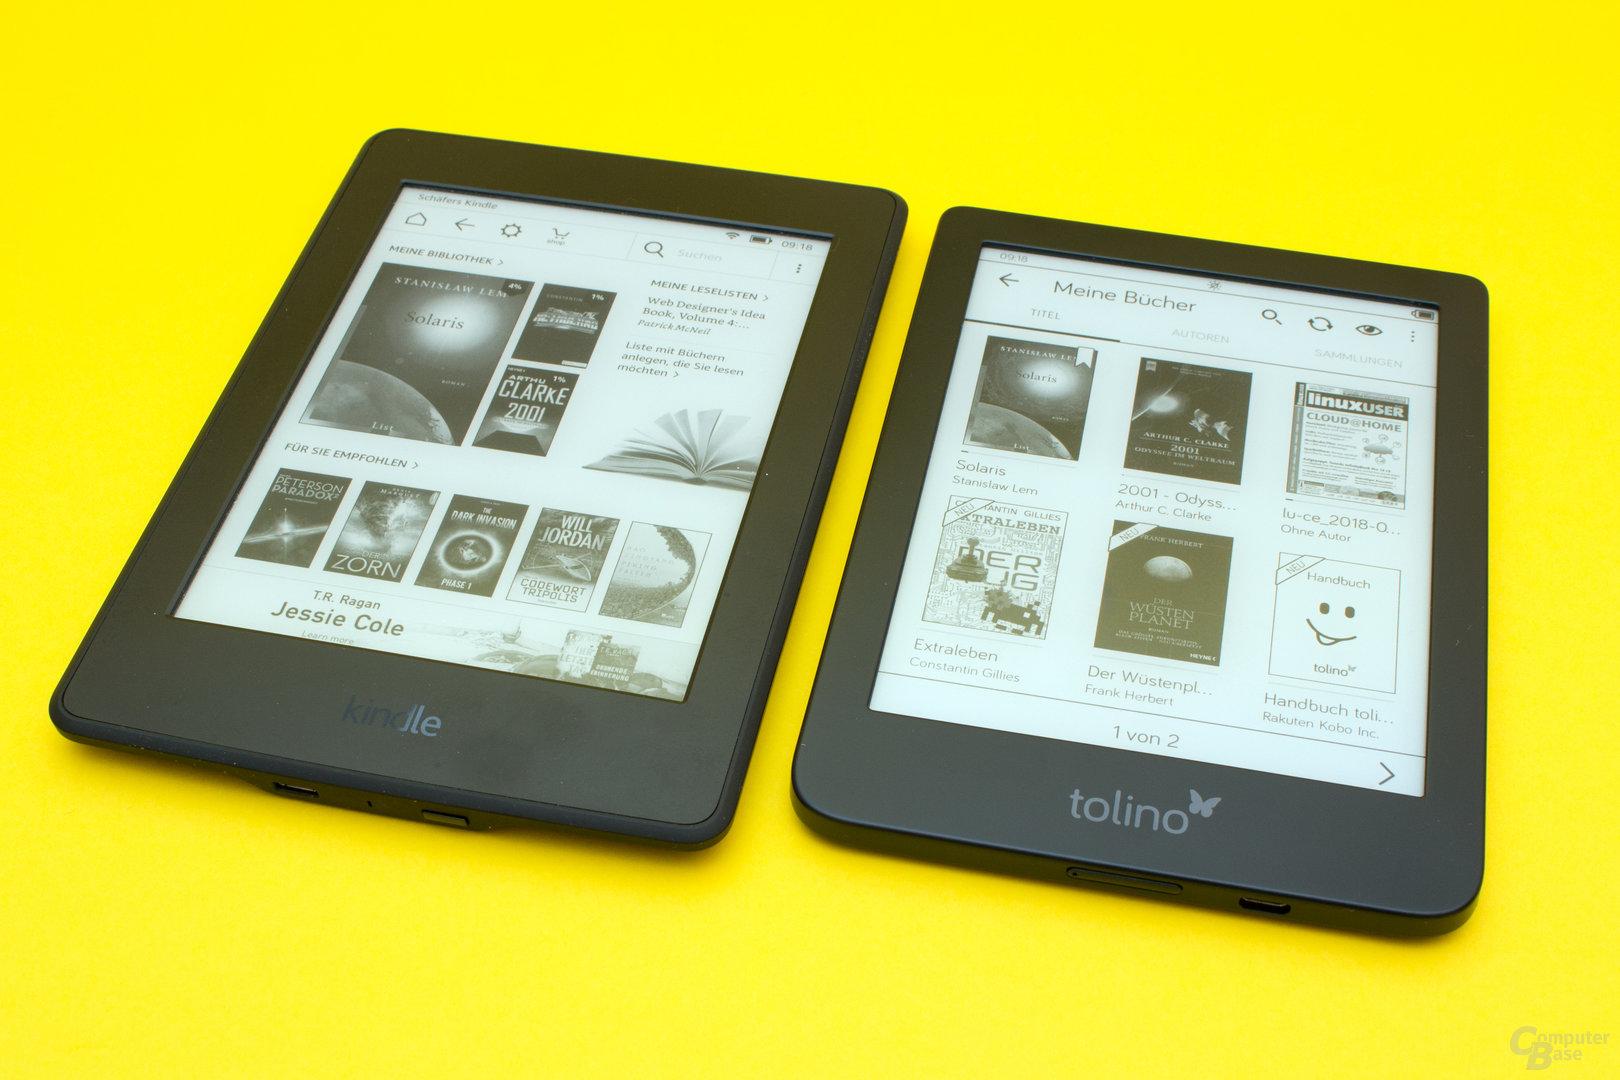 GrößenvergleichTolino Shine 3 und Kindle Paperwhite